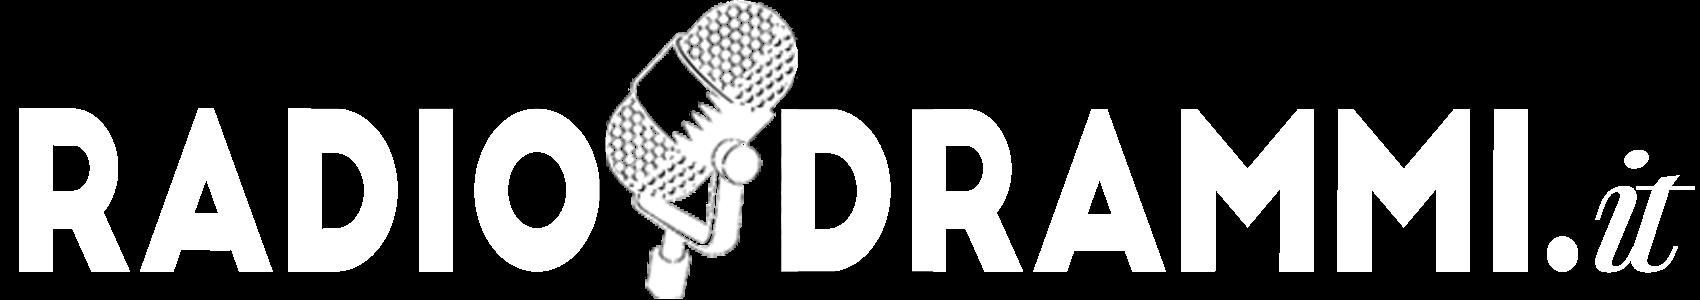 Radiodrammi.it